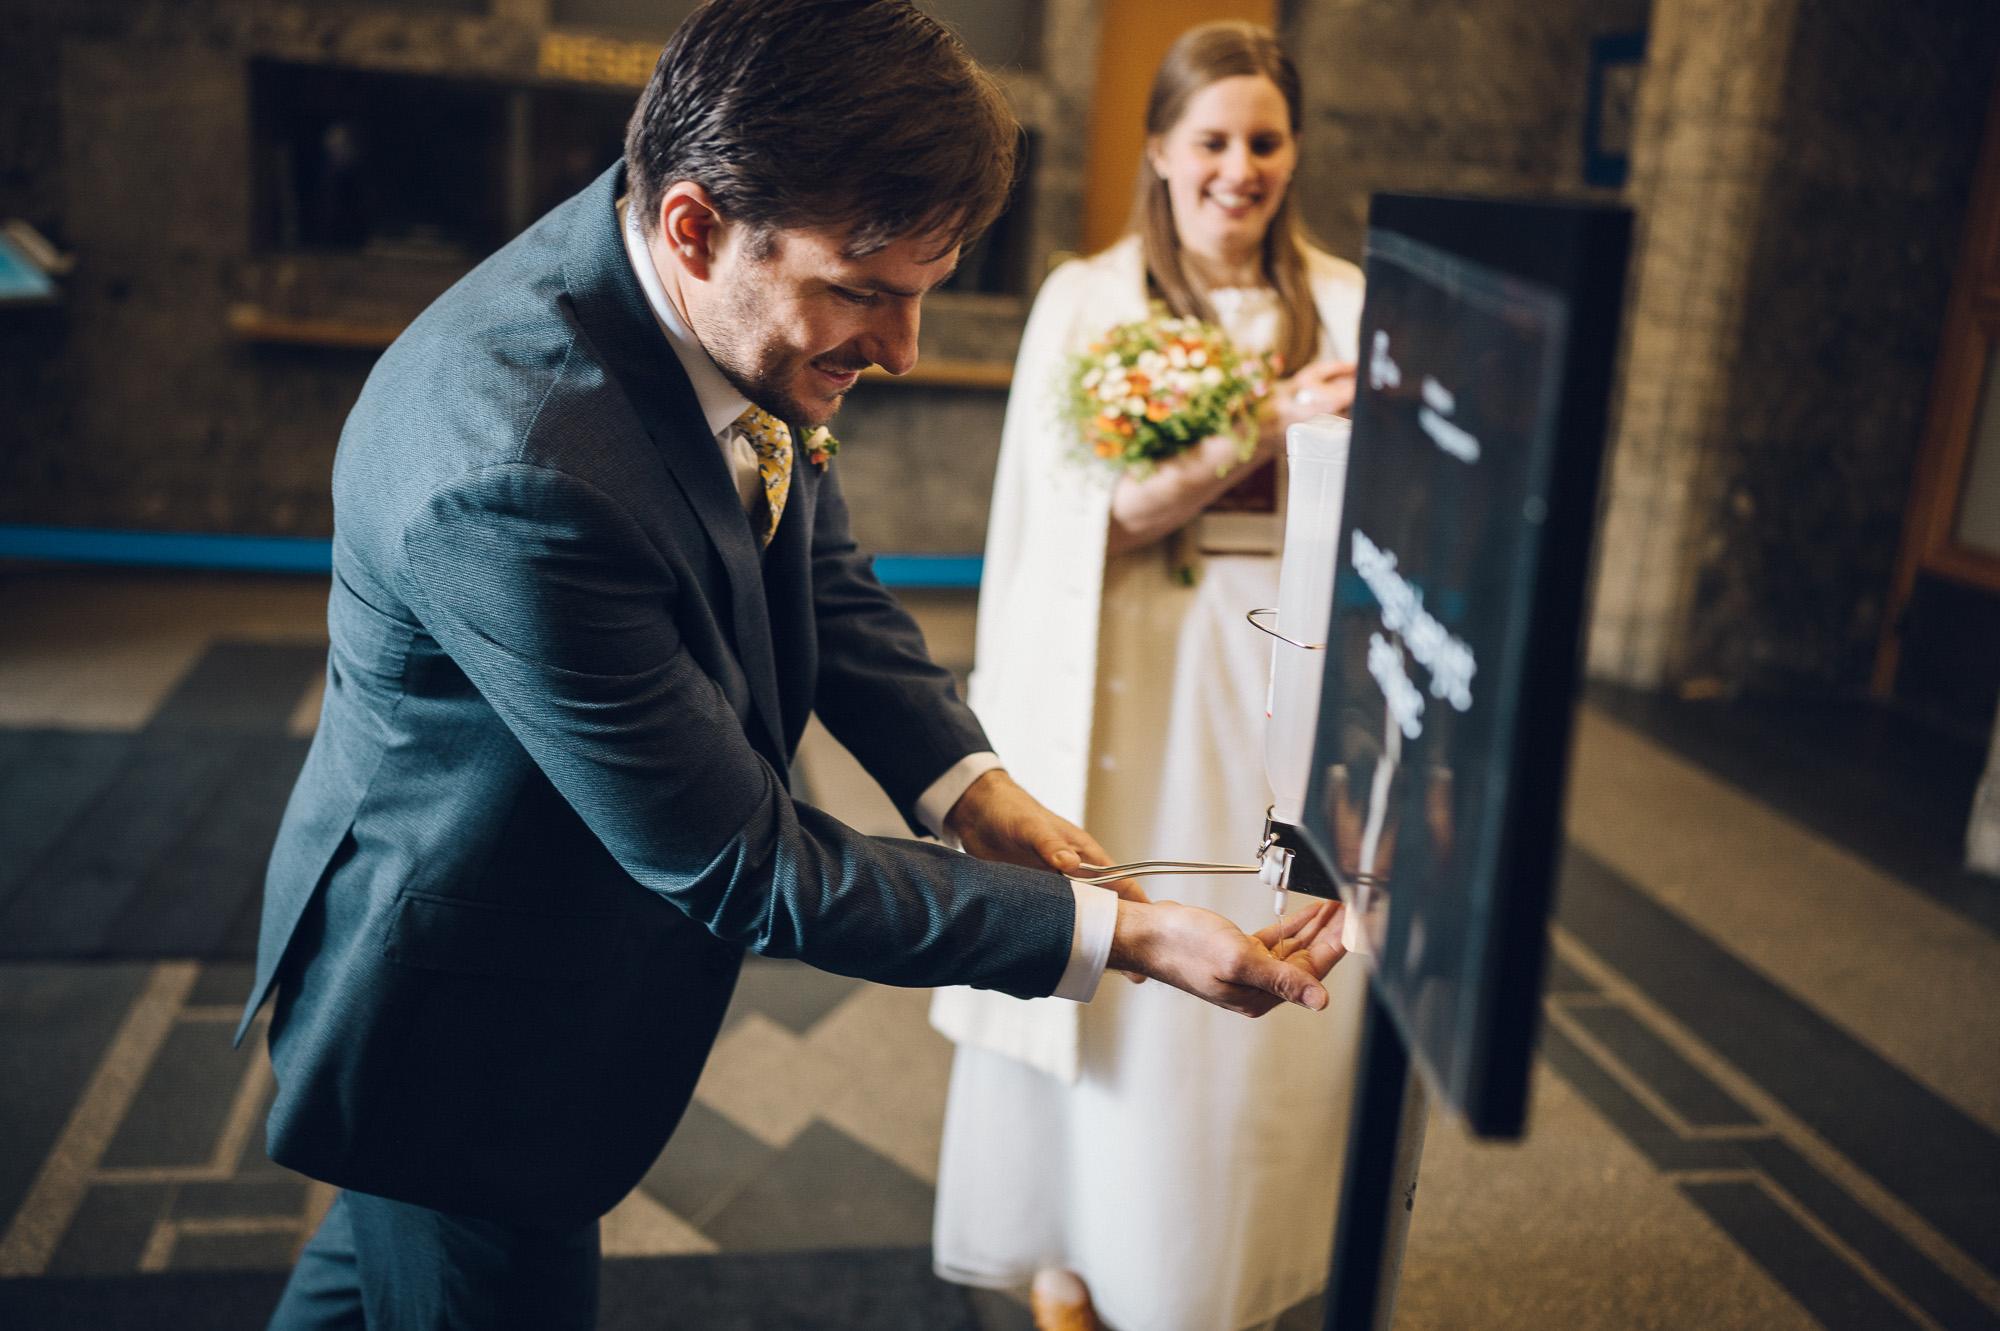 Brudgommen tar seg et sprut antibac. Bruden står i bakgrunnen og venter.